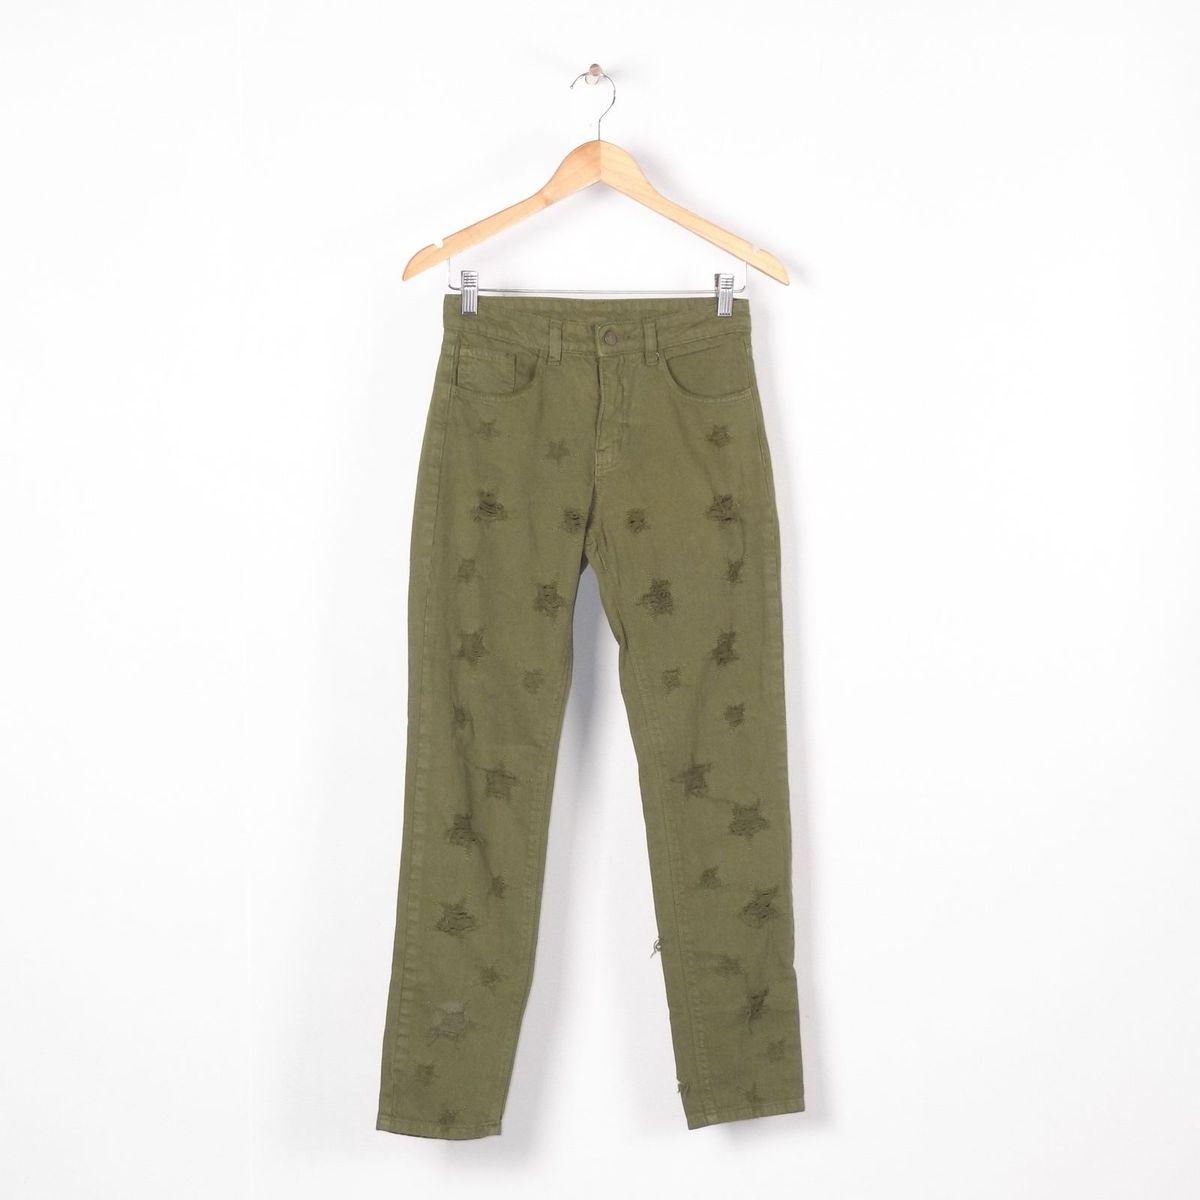 2cf8b599e9 Calça Jeans Verde Militar com Estrelas | Calça Feminina Farm Usado 30052946  | enjoei